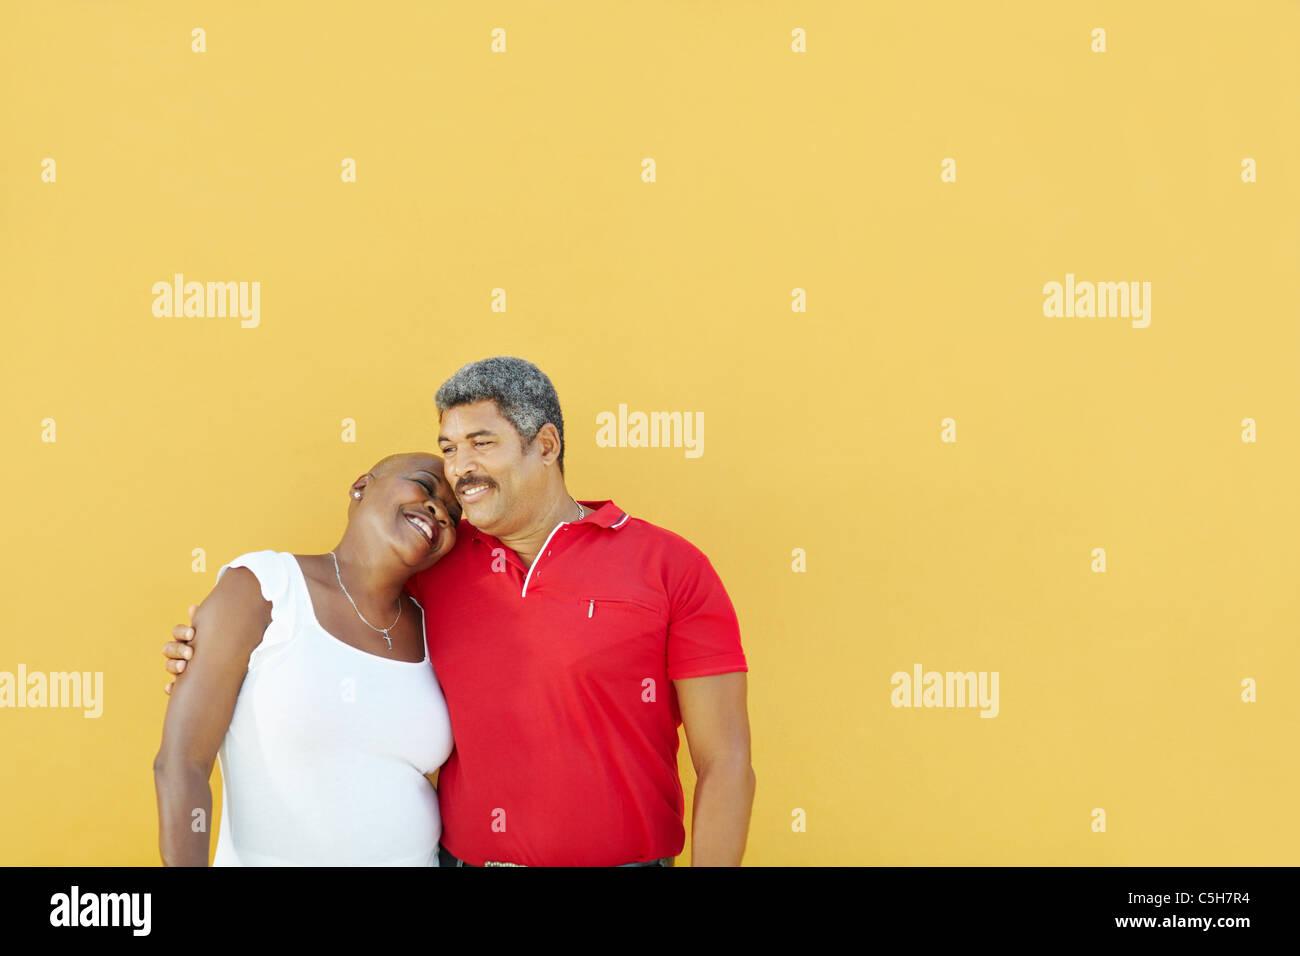 Amérique latine mature couple hugging and smiling avec mur jaune en arrière-plan. Jusqu'à la Photo Stock